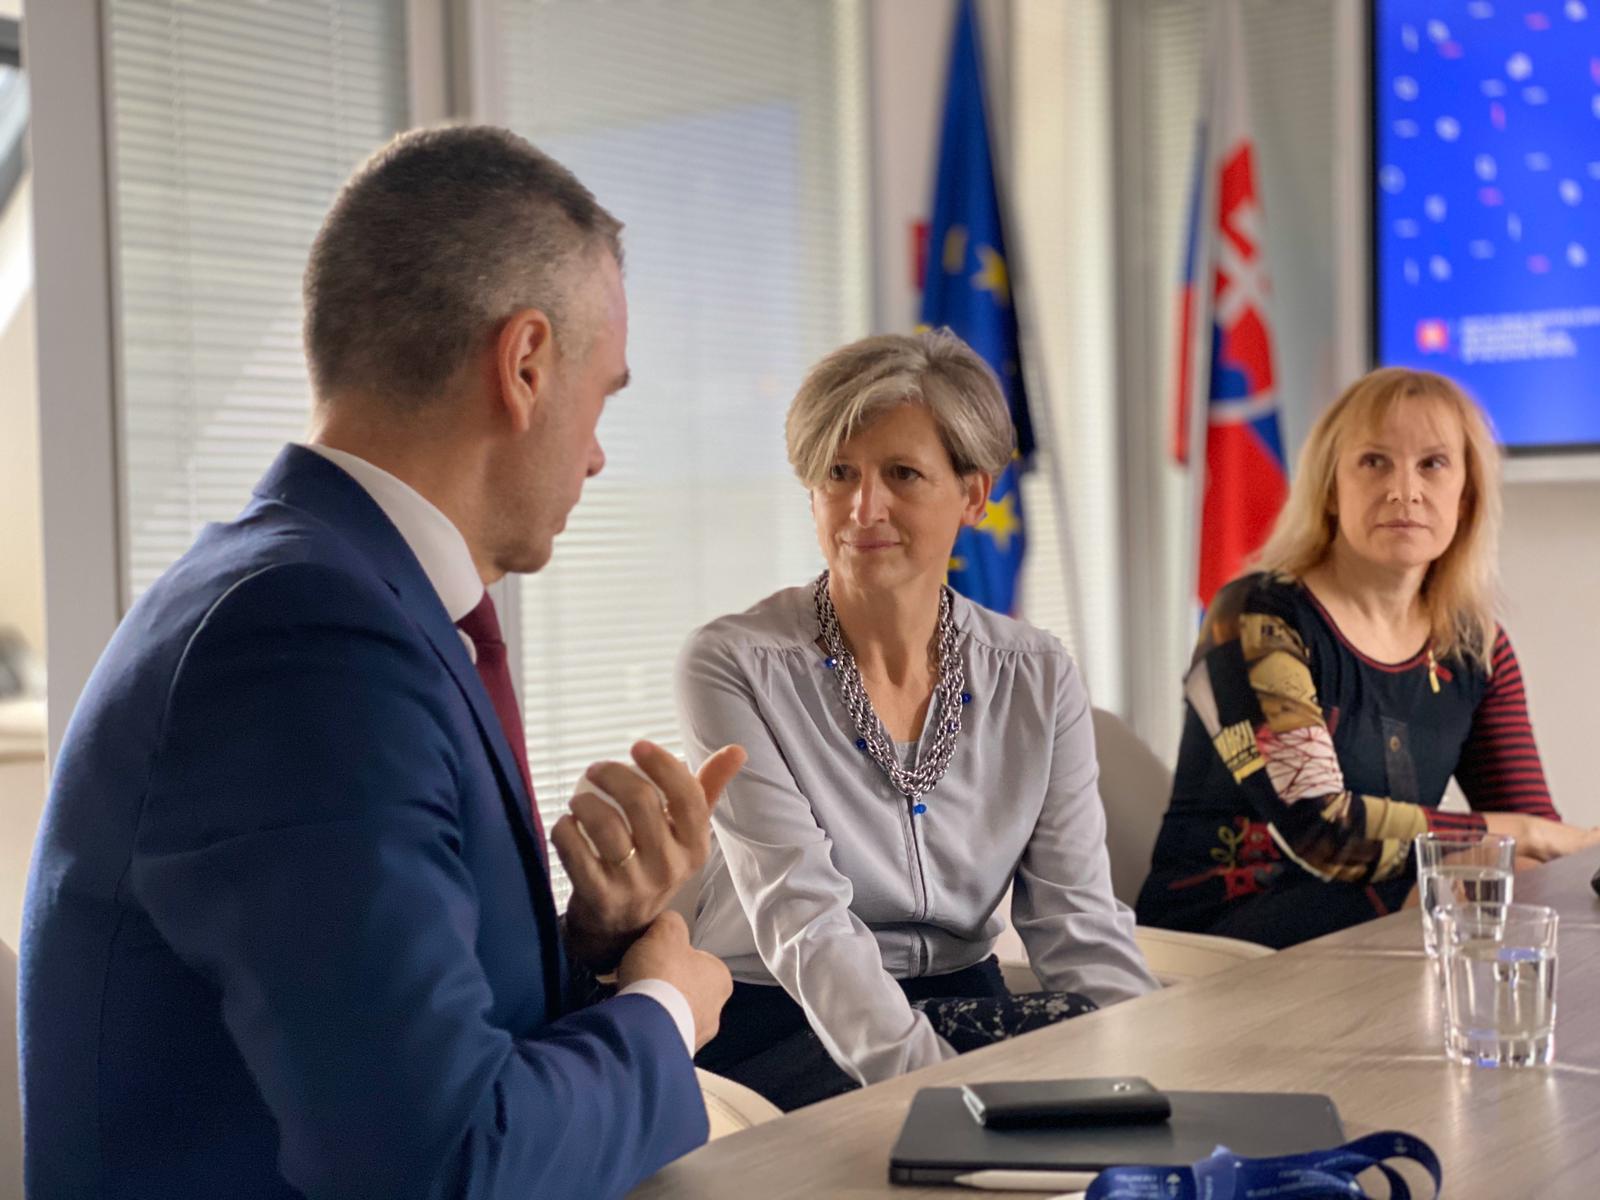 Úrad vicepremiéra prijal Gabriellu Cseh, CEE Facebooku pre oblasť verejnej politiky